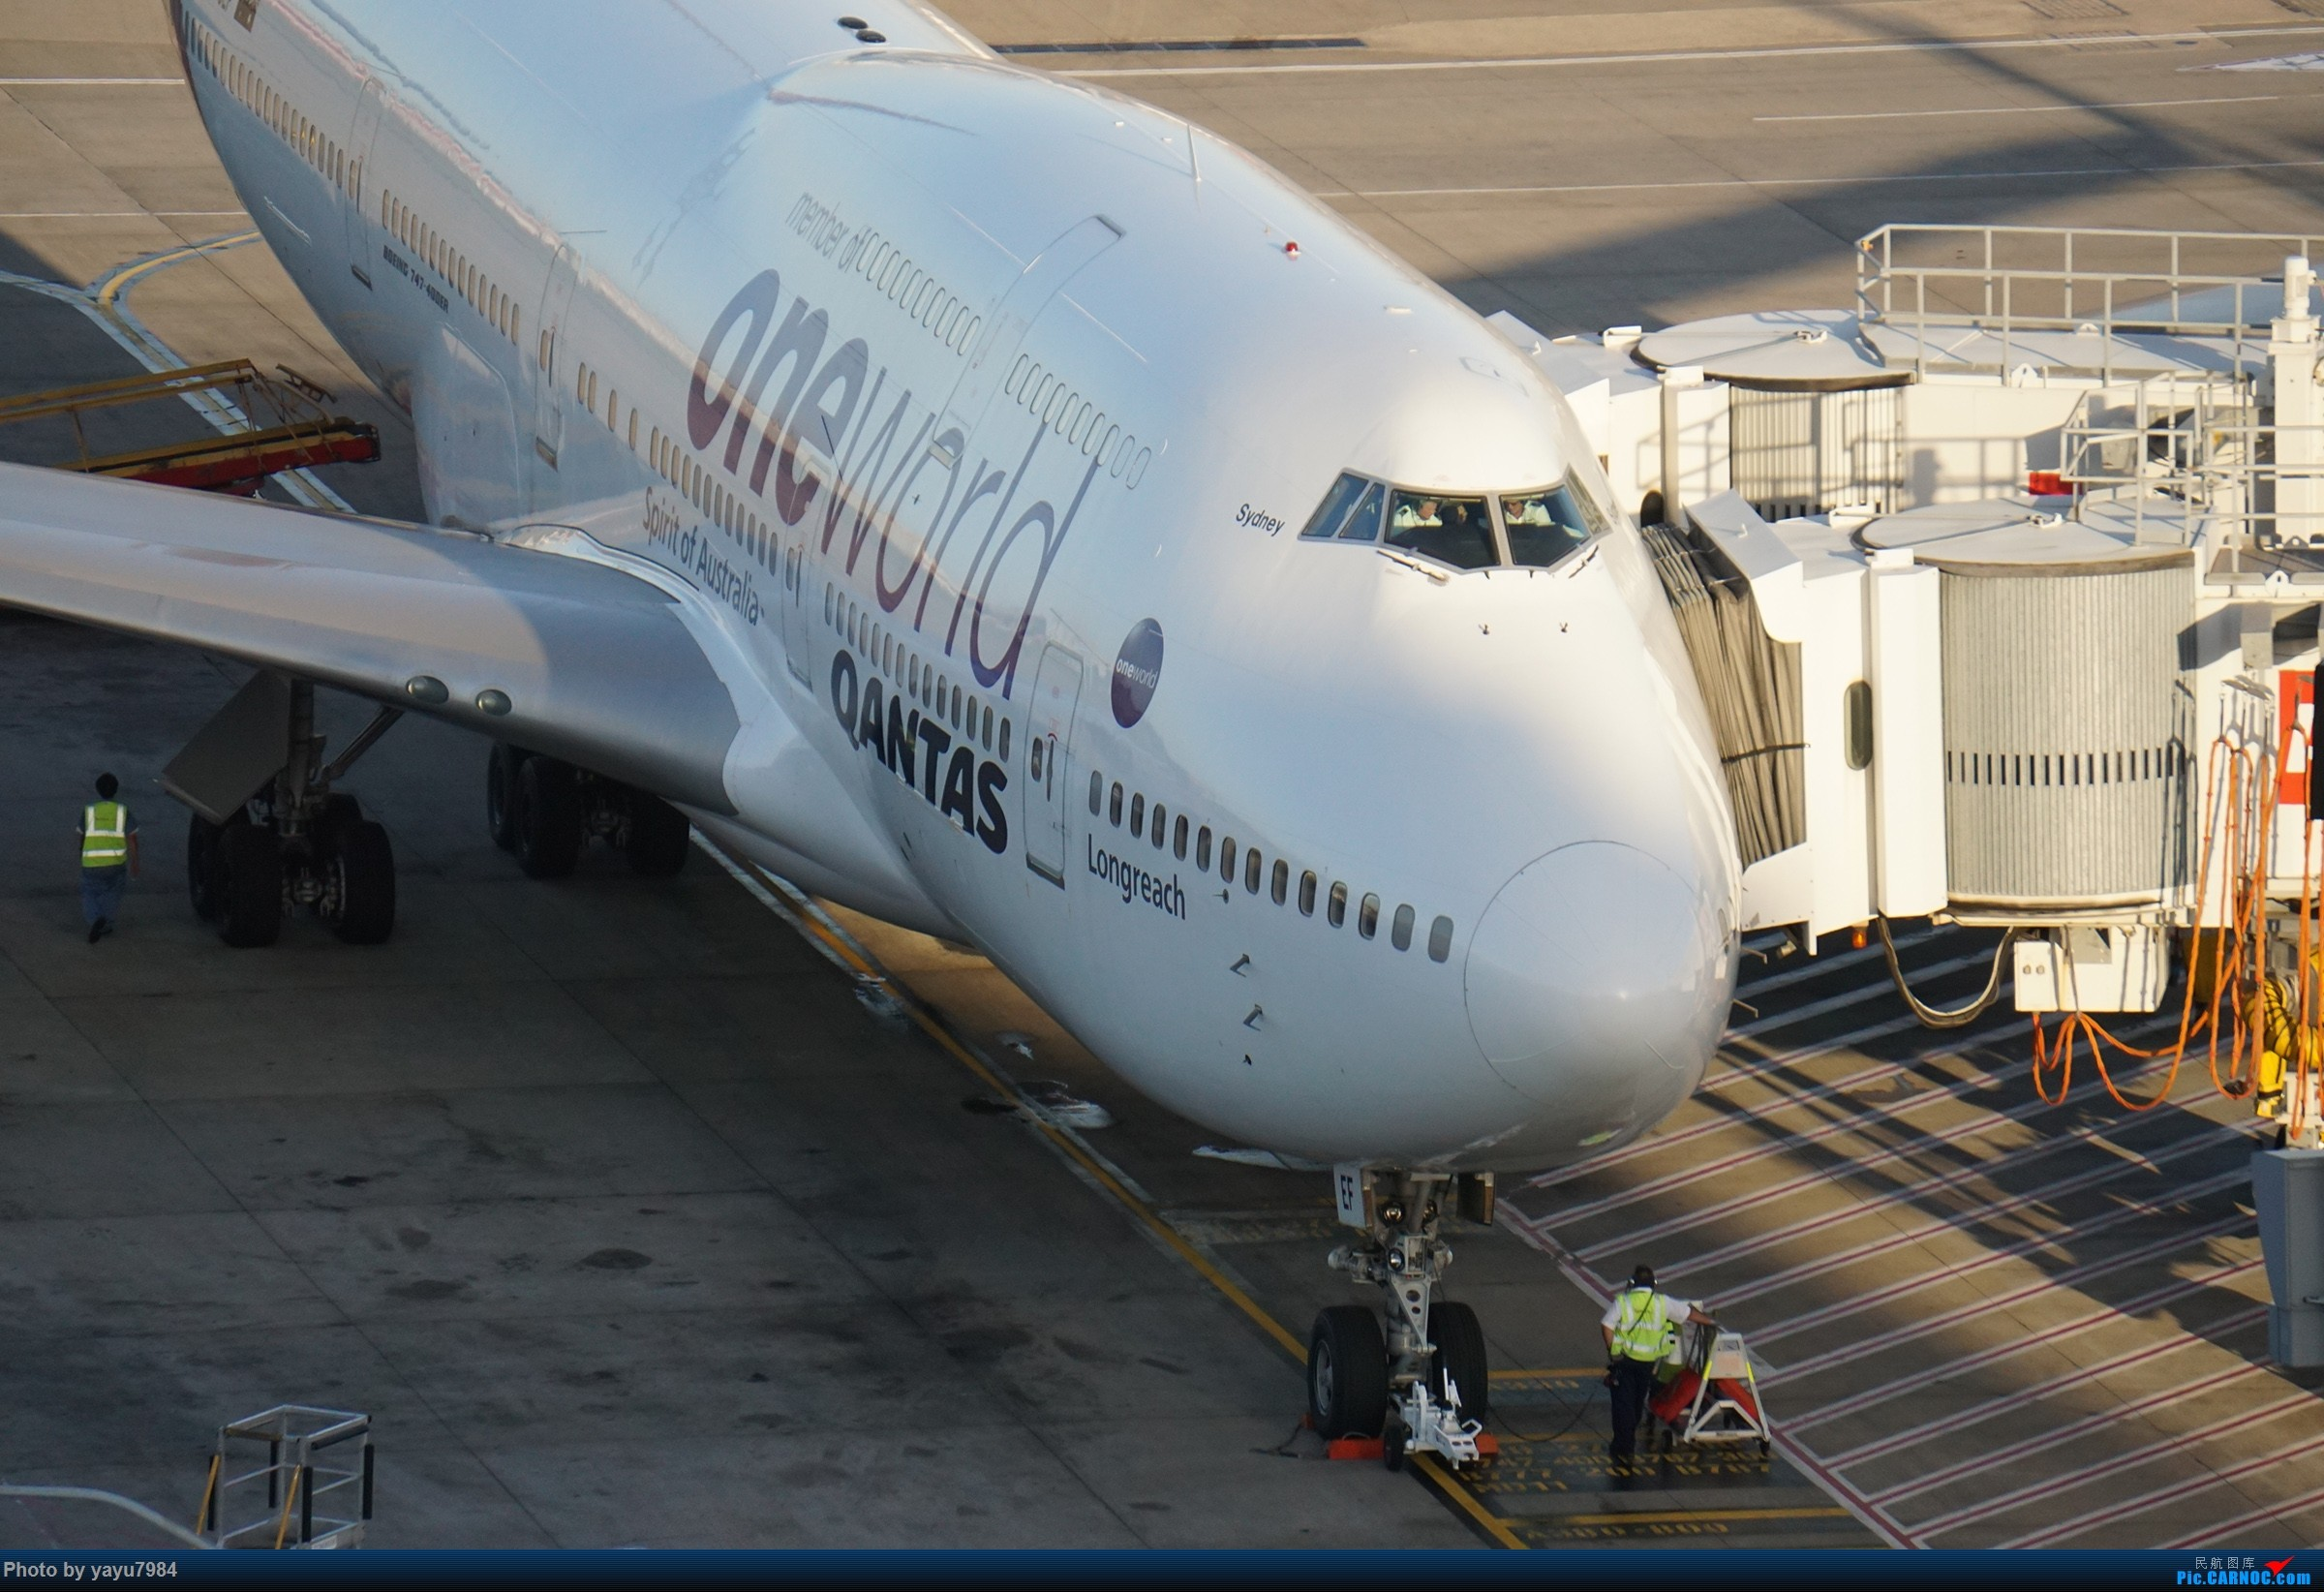 [原创][SYD] 2019首拍,停车楼视角 BOEING 747-438(ER) VH-OEF 澳大利亚悉尼金斯福德·史密斯机场